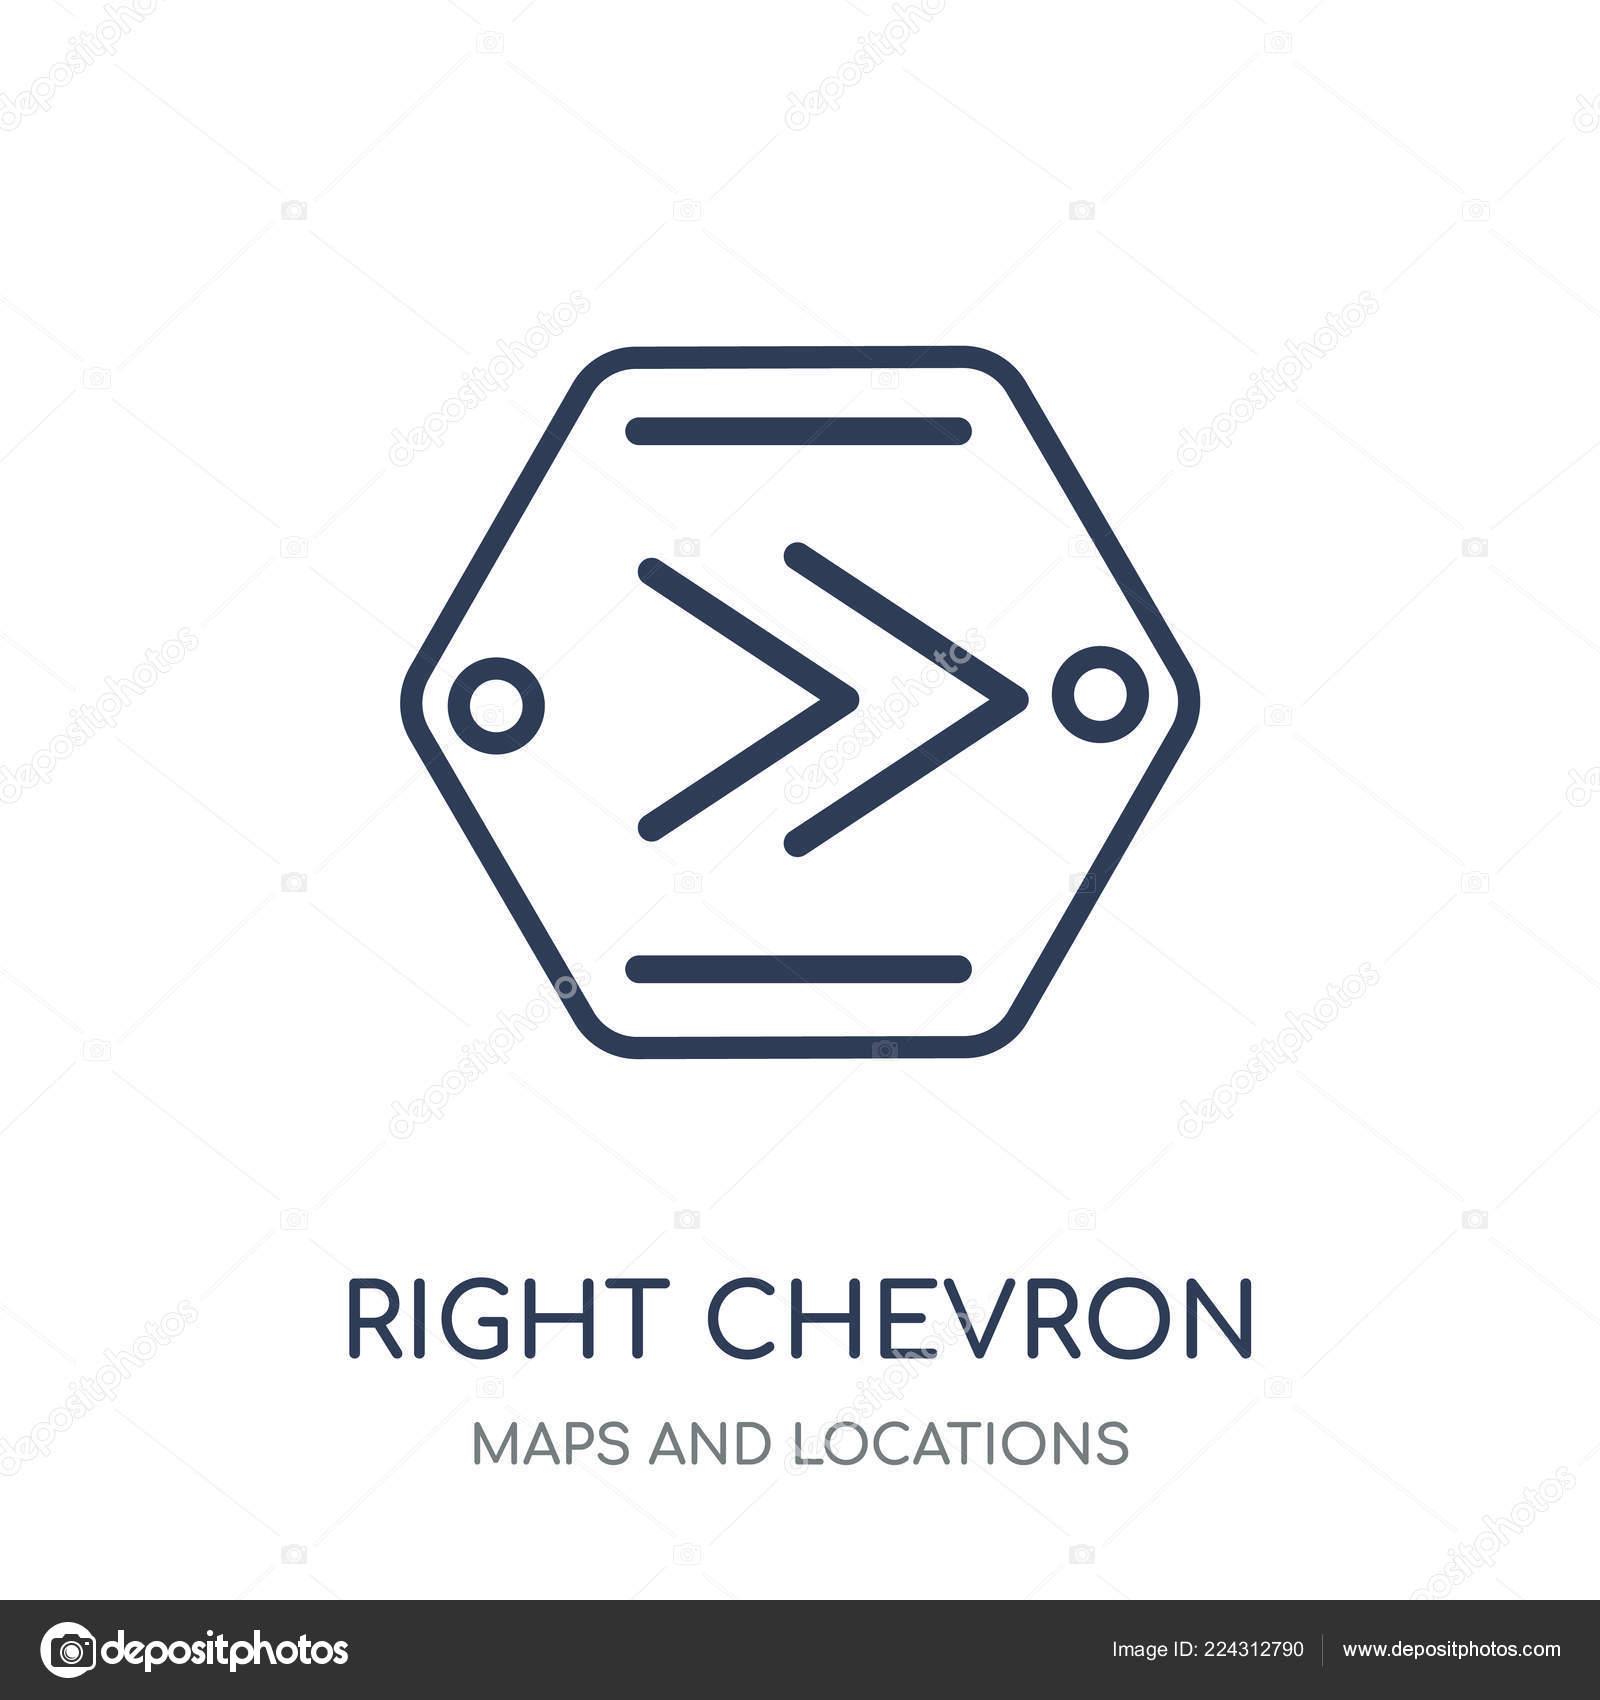 Right Chevron Icon Right Chevron Linear Symbol Design Maps Locations — Stock Vector